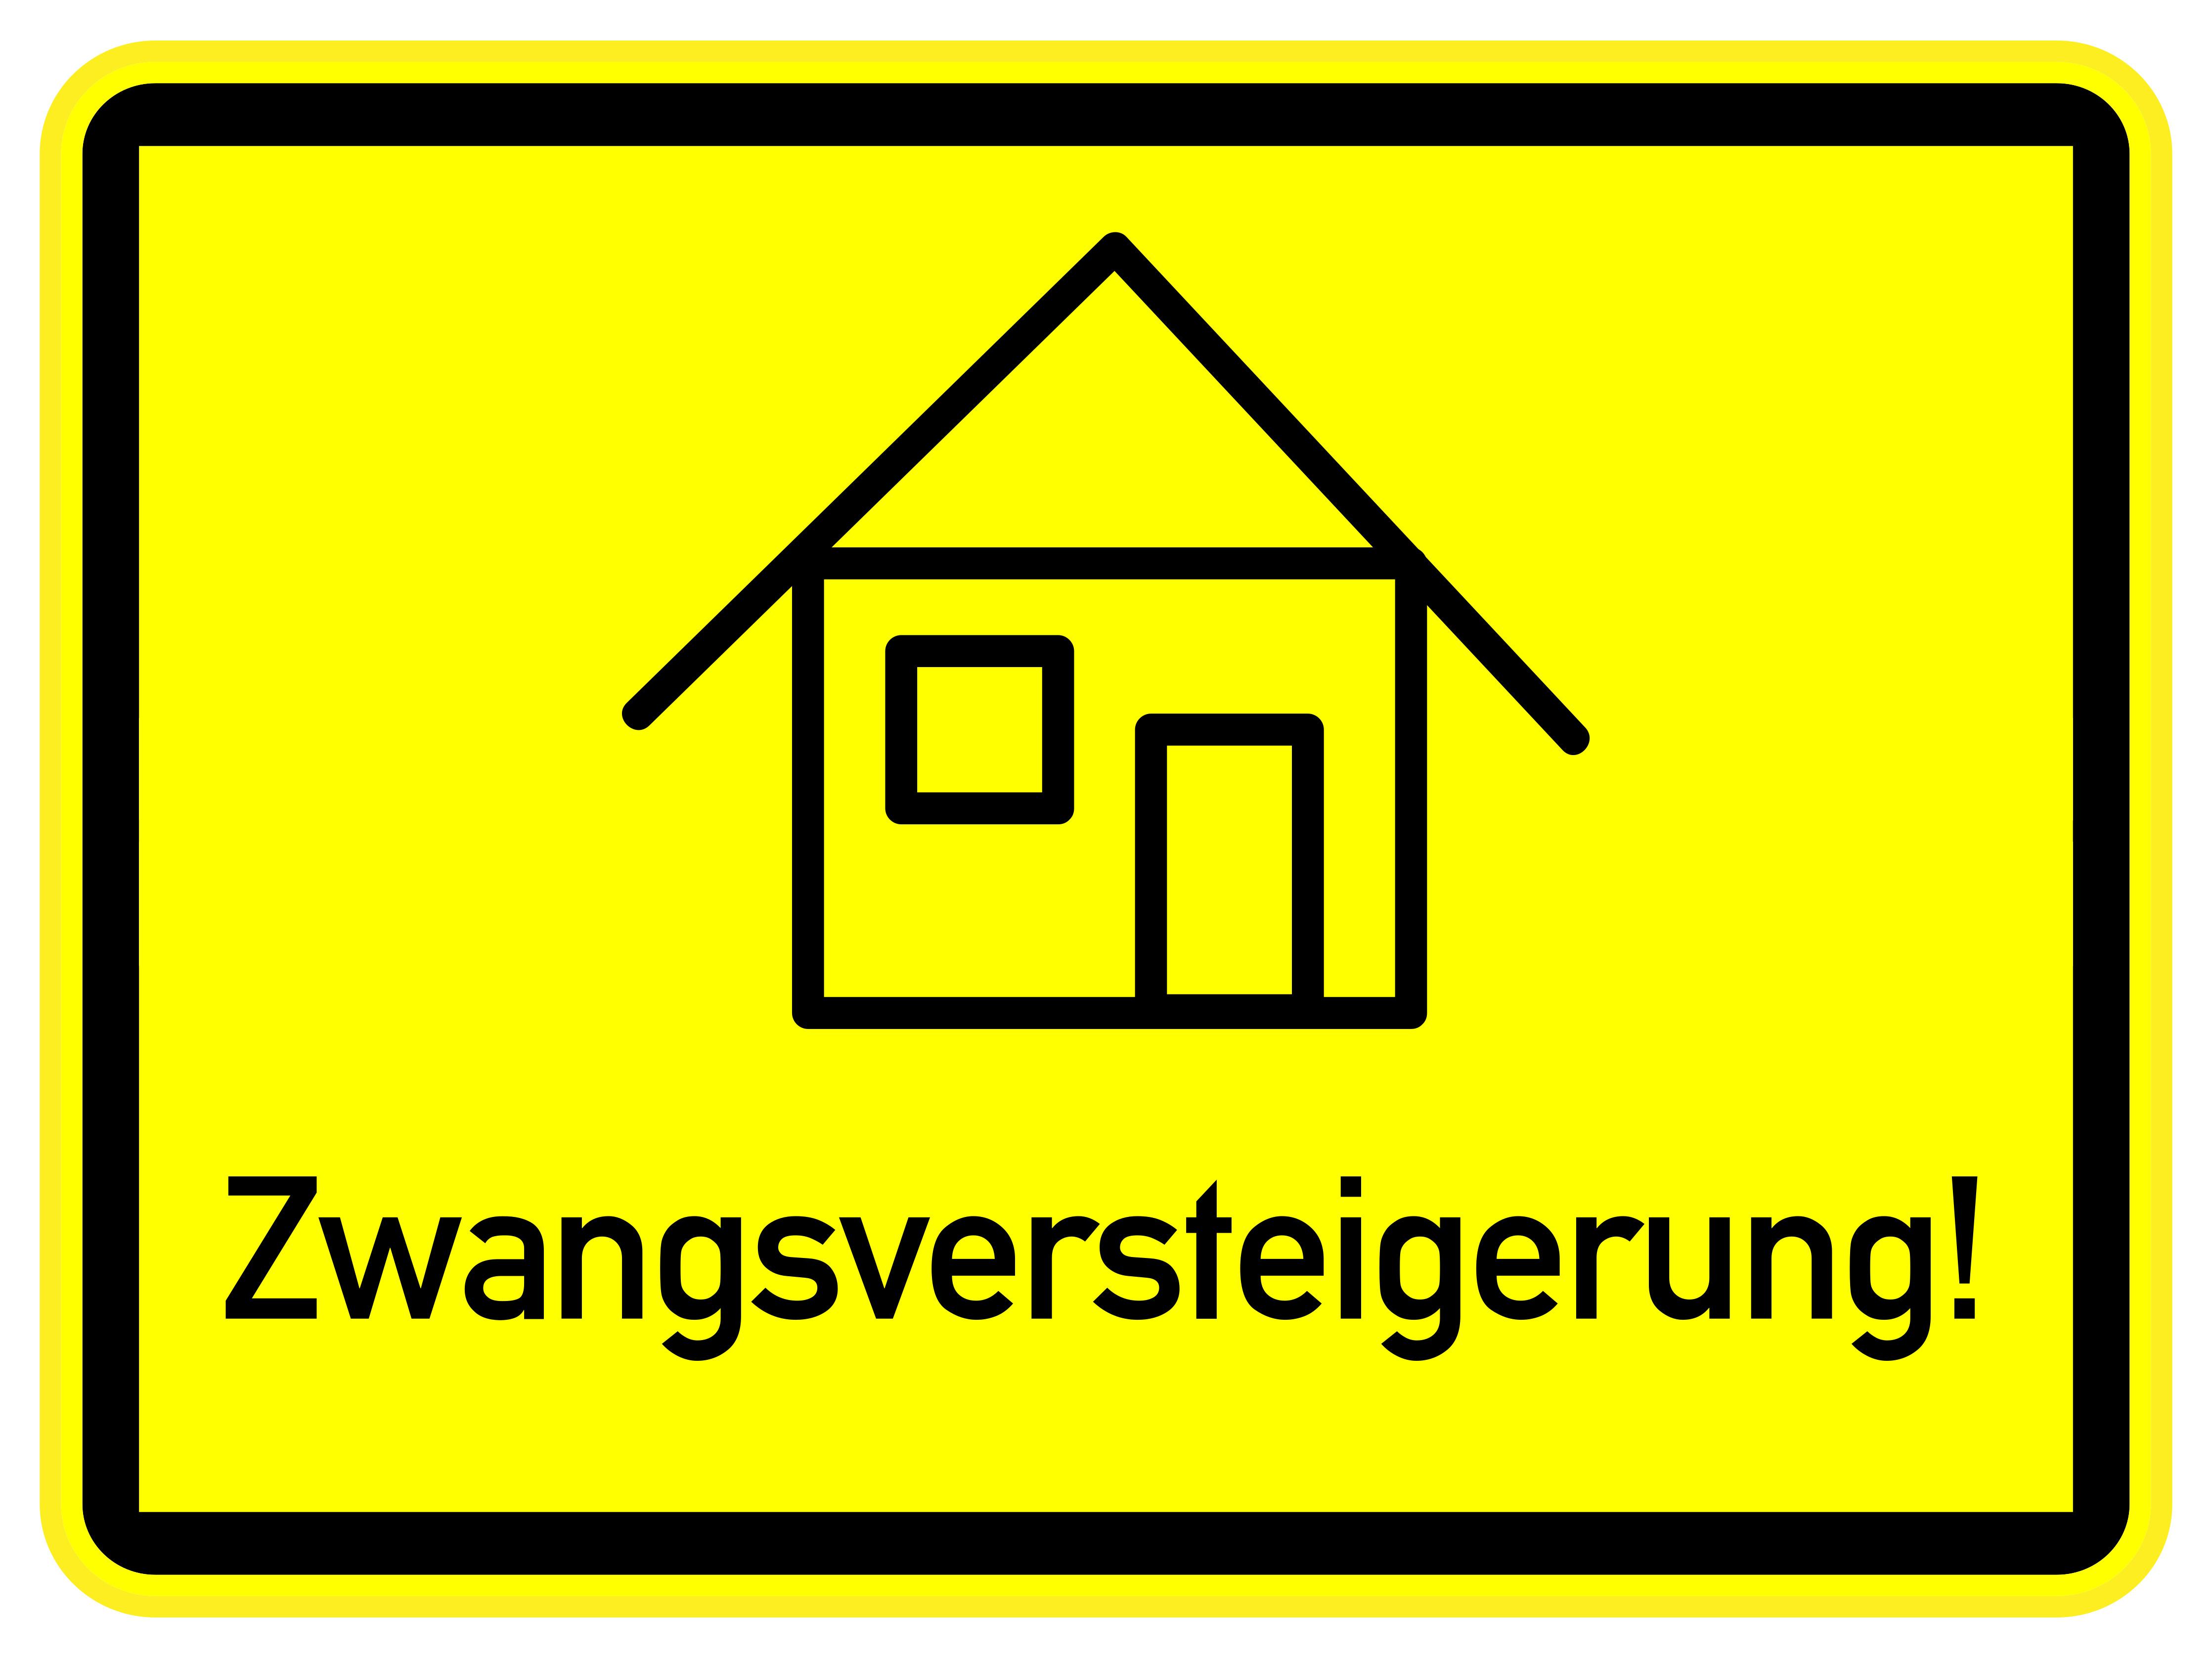 Zwangsversteigerung von Immobilien: Chancen und Risiken - BERATUNG.DE